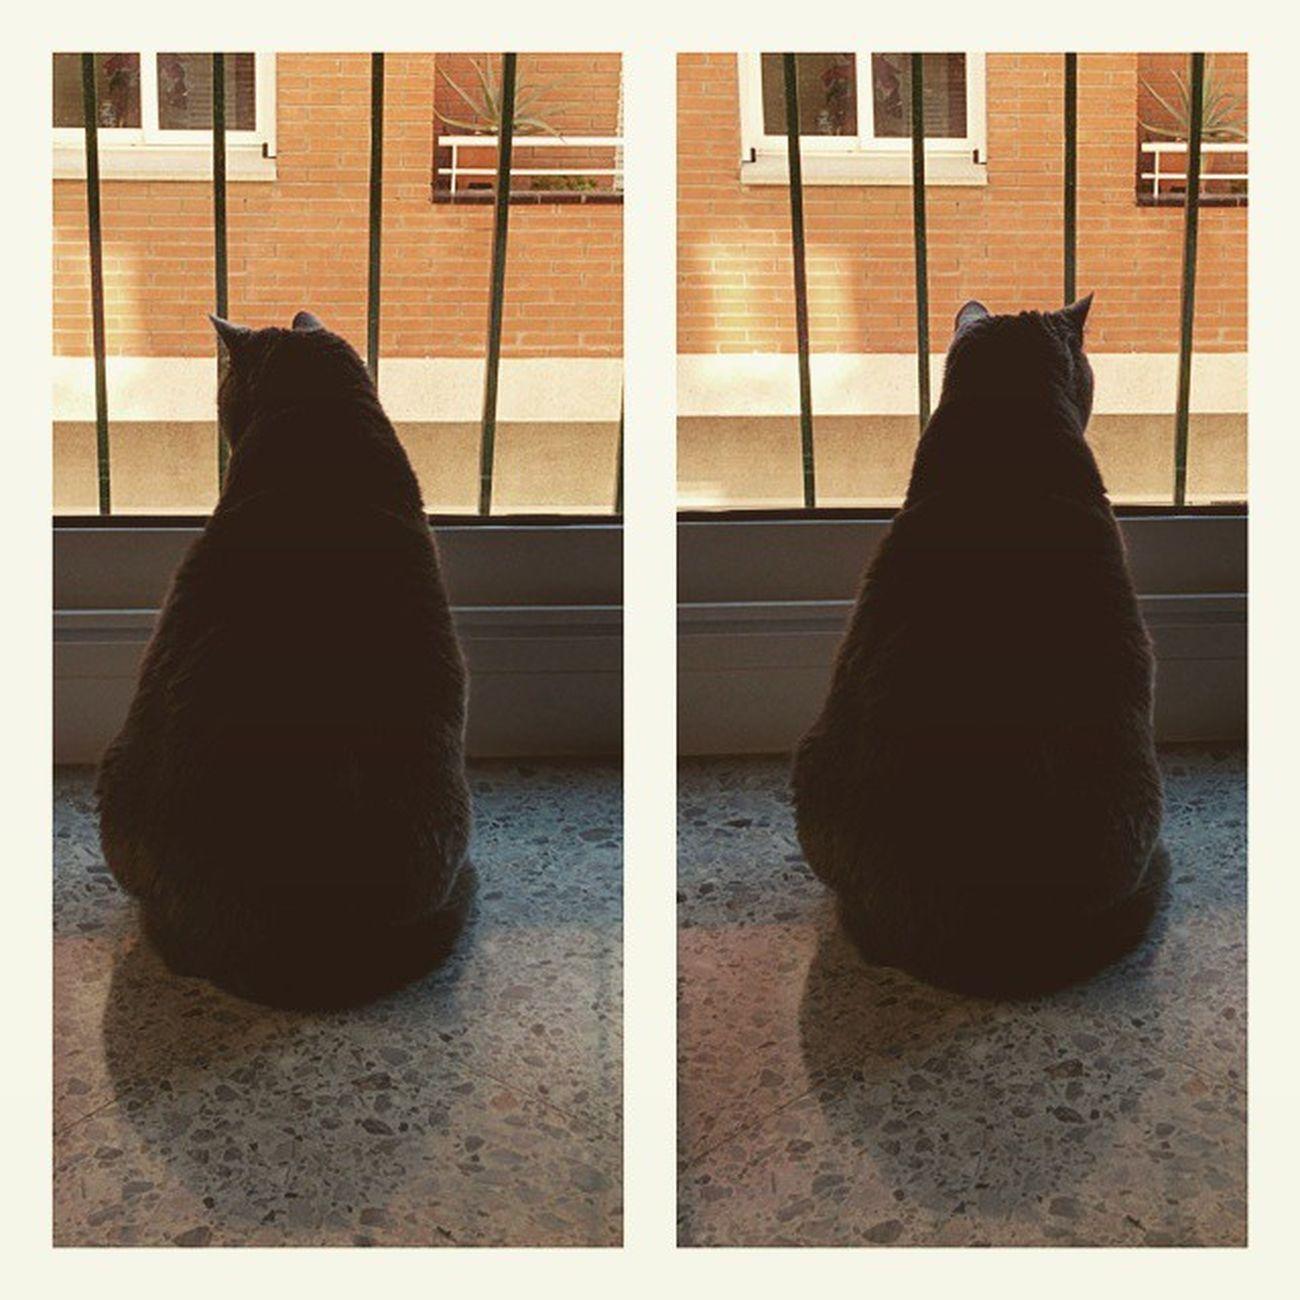 Tu mira per la dreta i jo per l'esquerra Espies Spy Instacats Cats watchcats igers igerscatalunya insterrassa